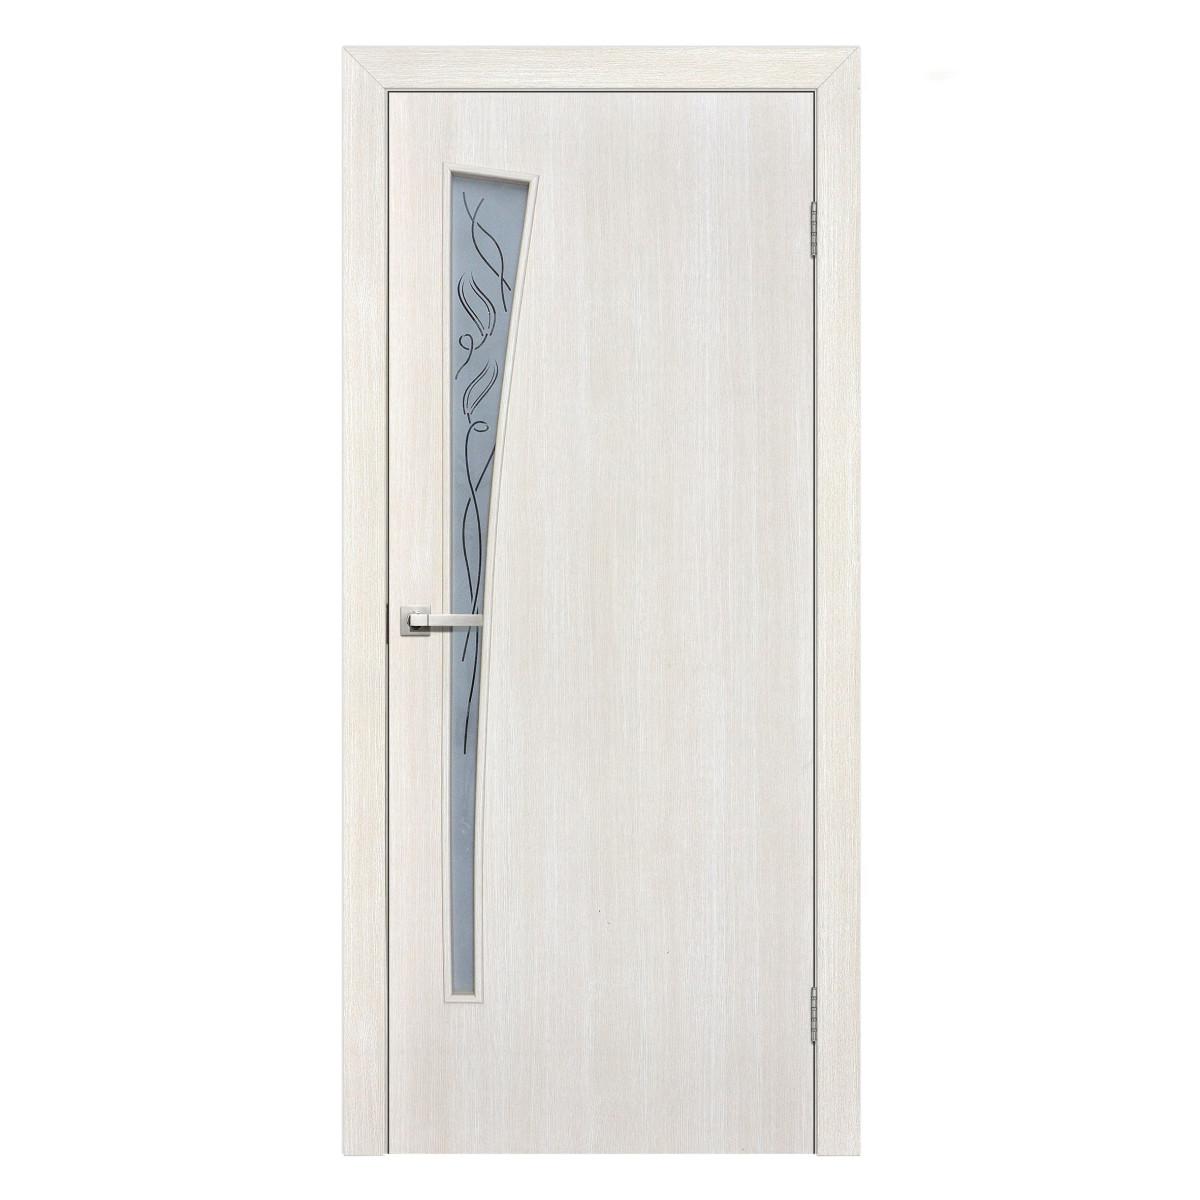 Дверь Межкомнатная Остеклённая Ламинированная Белеза 60x200 Цвет Белый Дуб